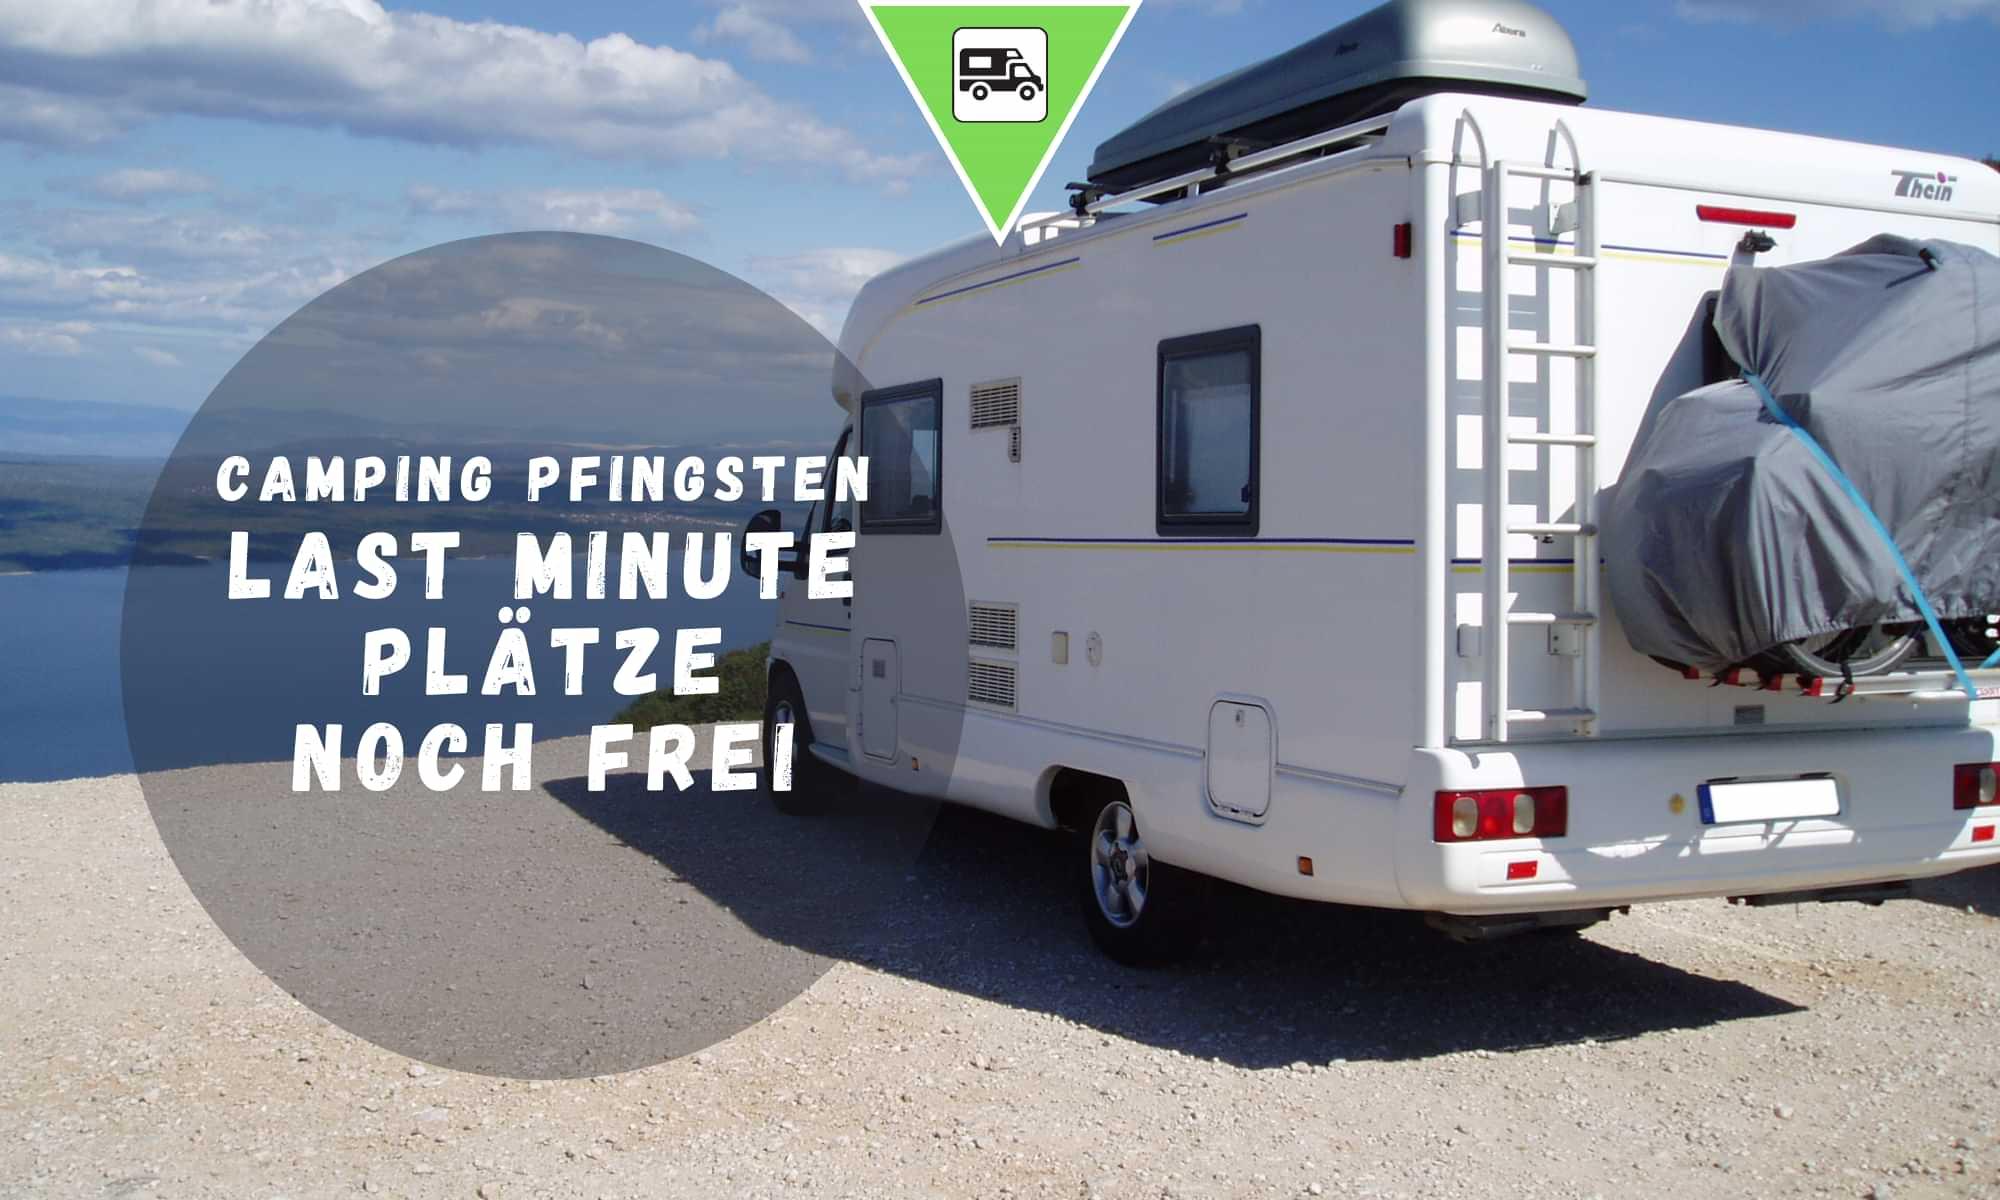 Camping Pfingsten – Last Minute Plätze noch frei